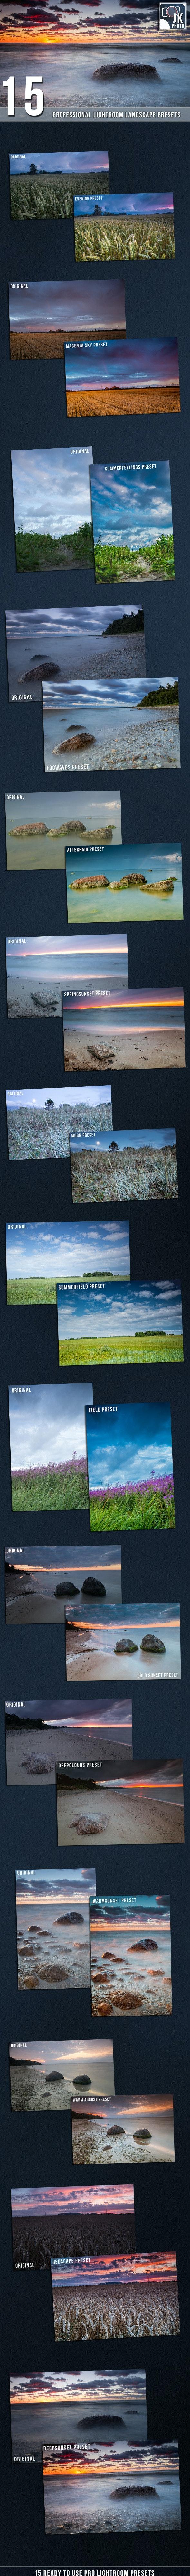 15 PRO  Landscape and Nature Lightroom presets - Landscape Lightroom Presets